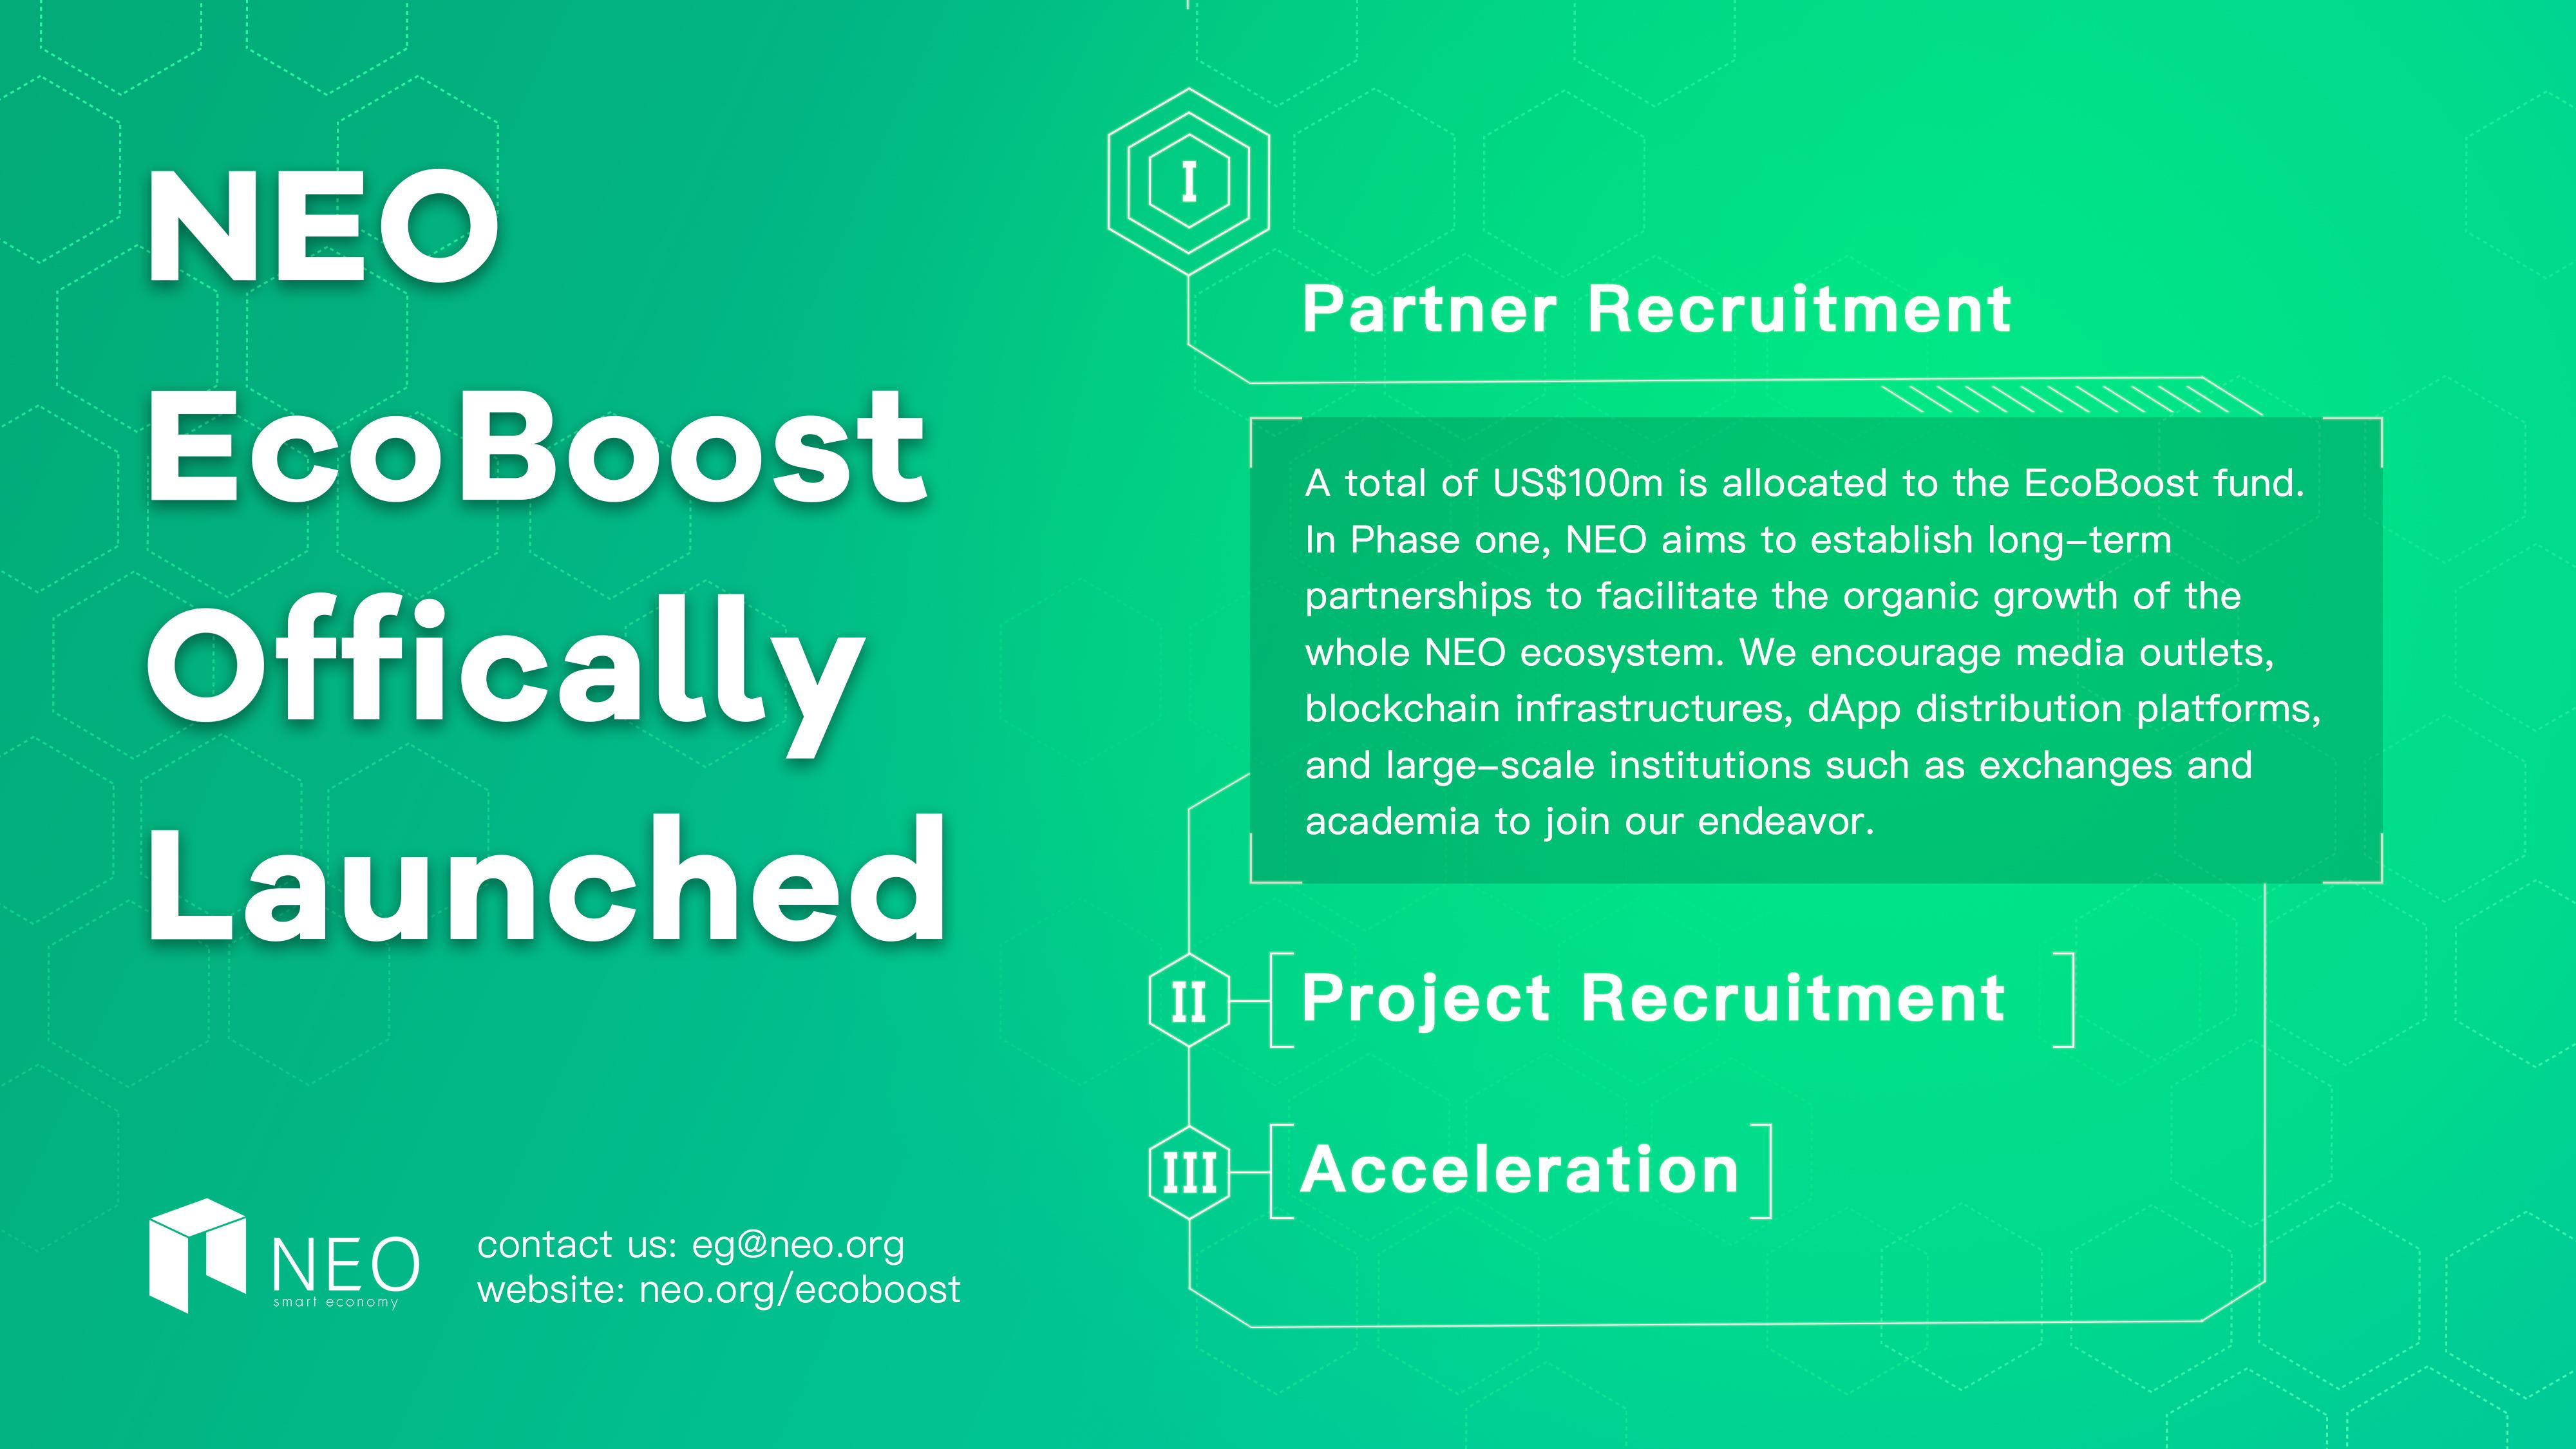 NEO EcoBoost chính thức khởi chạy